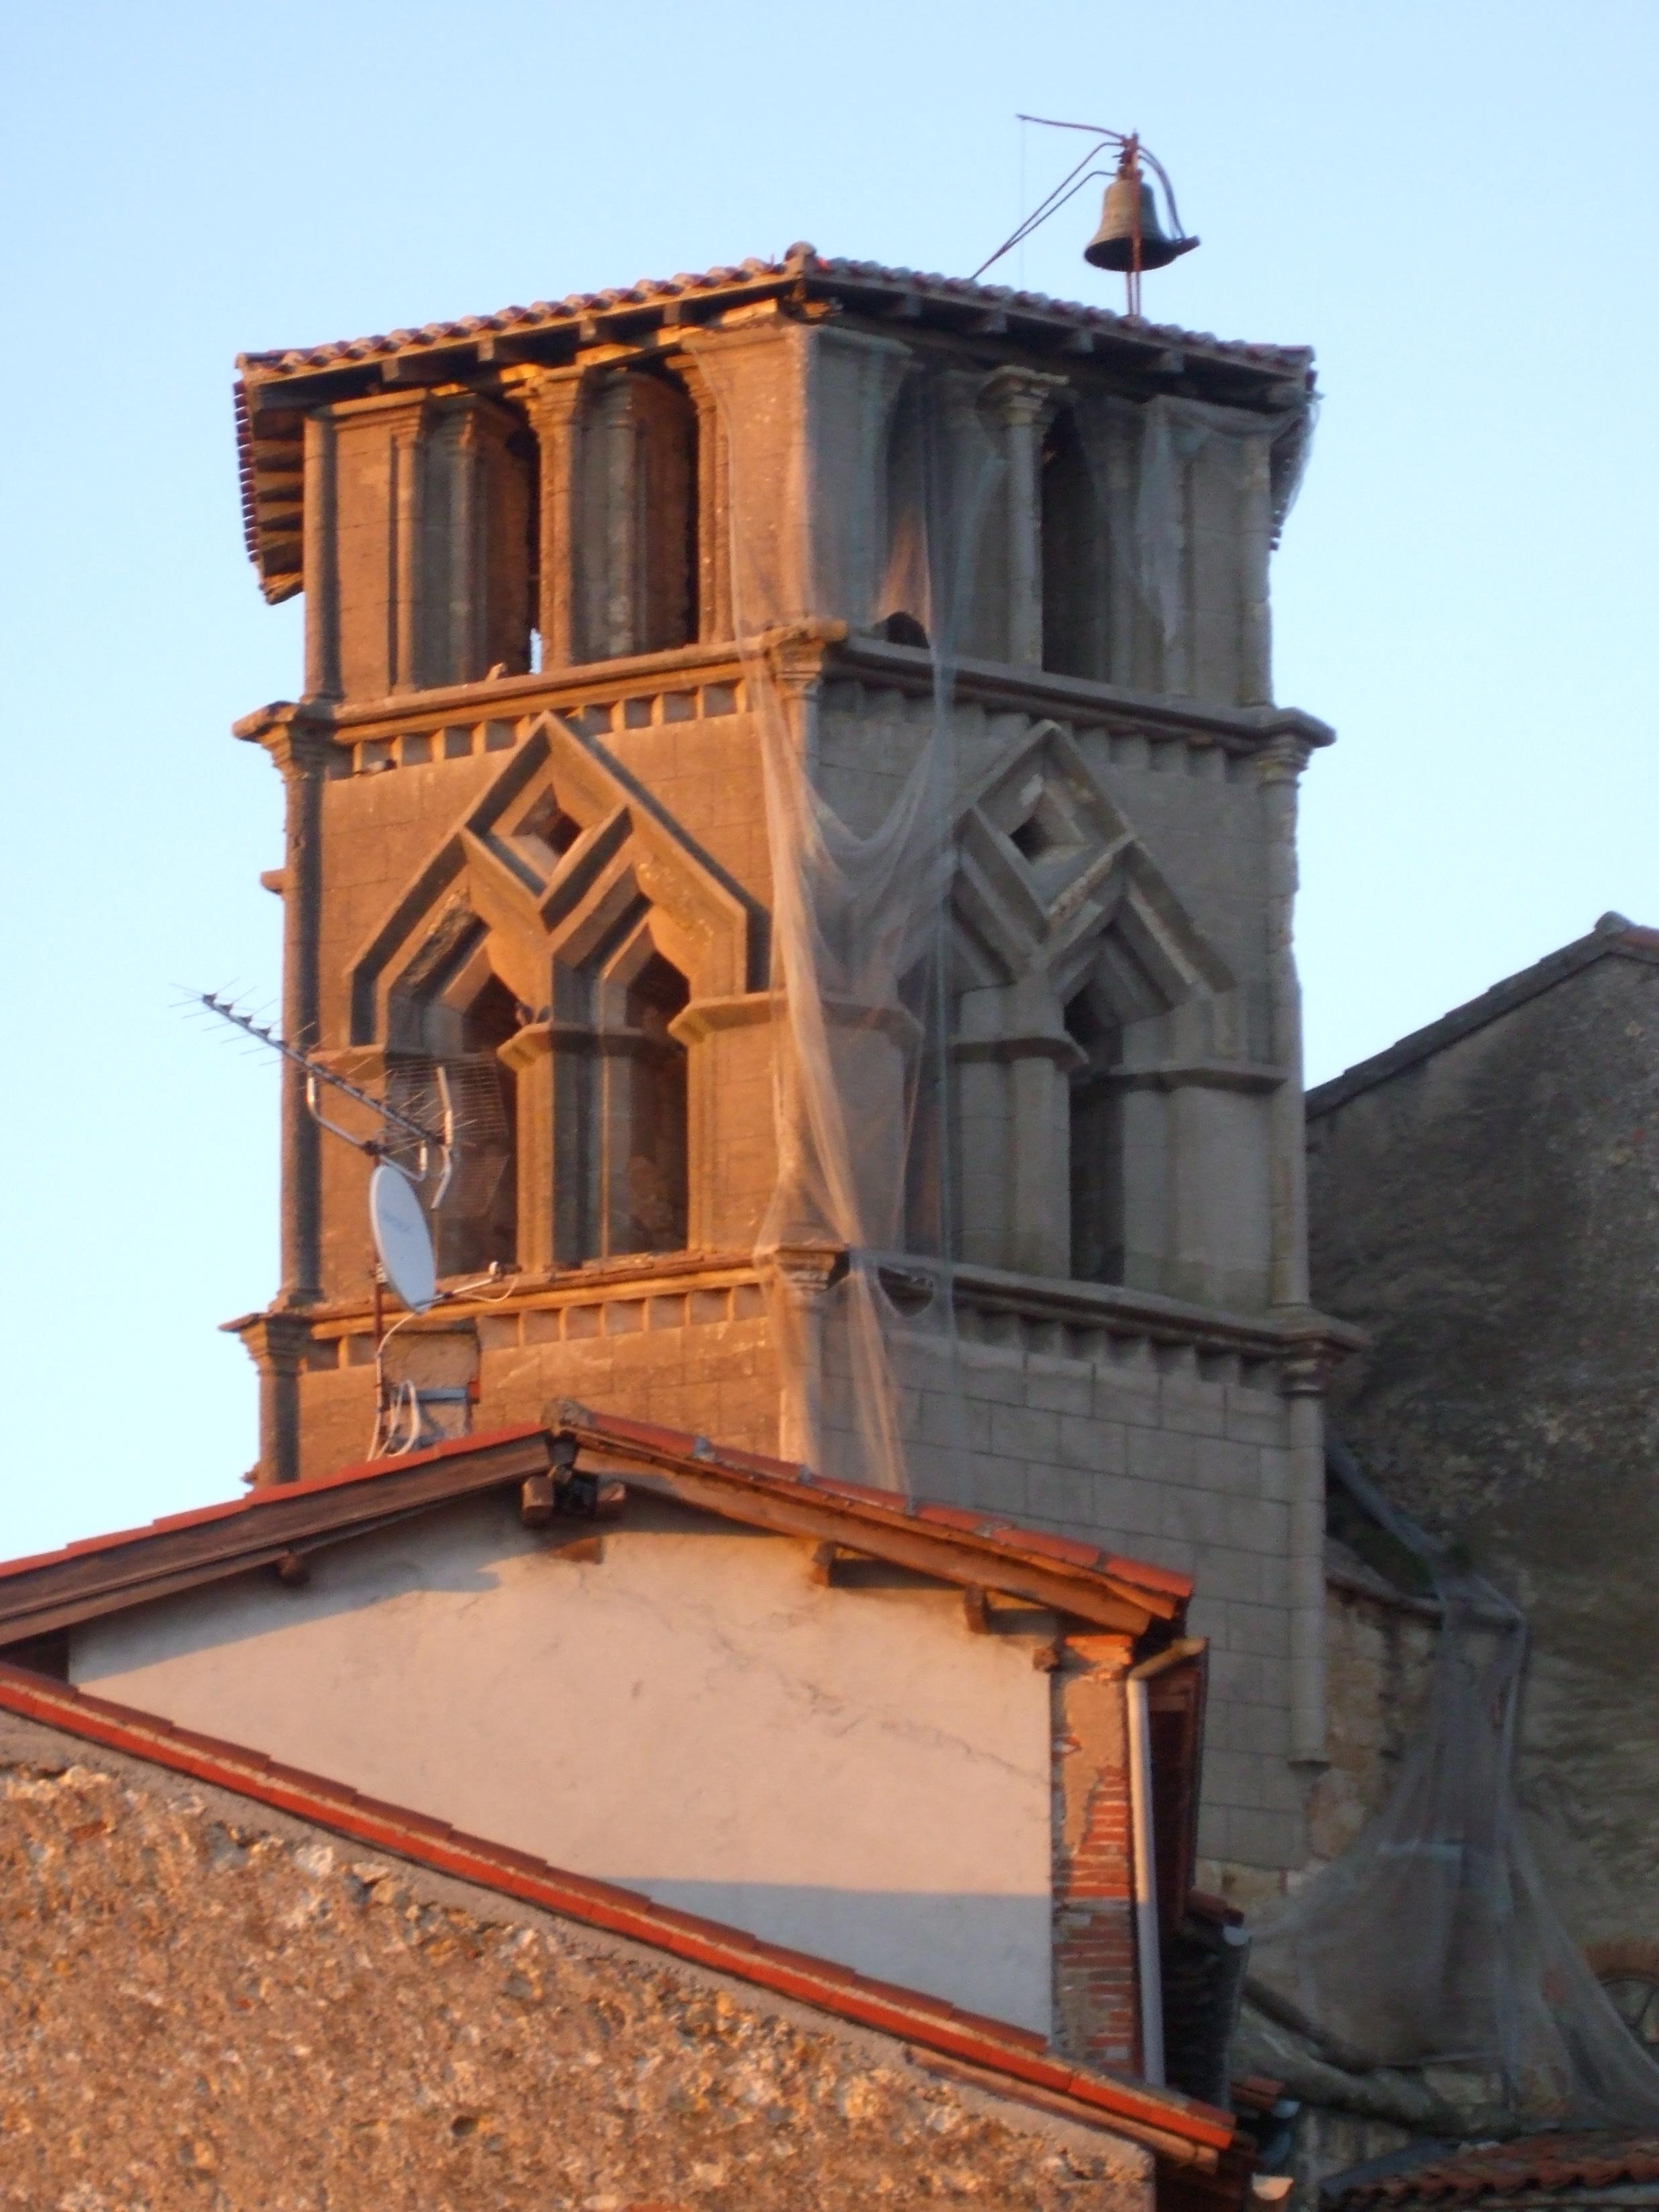 Narbonne Version 3 1: File:Clocher De L'église De Saint-Ybars 2.jpg